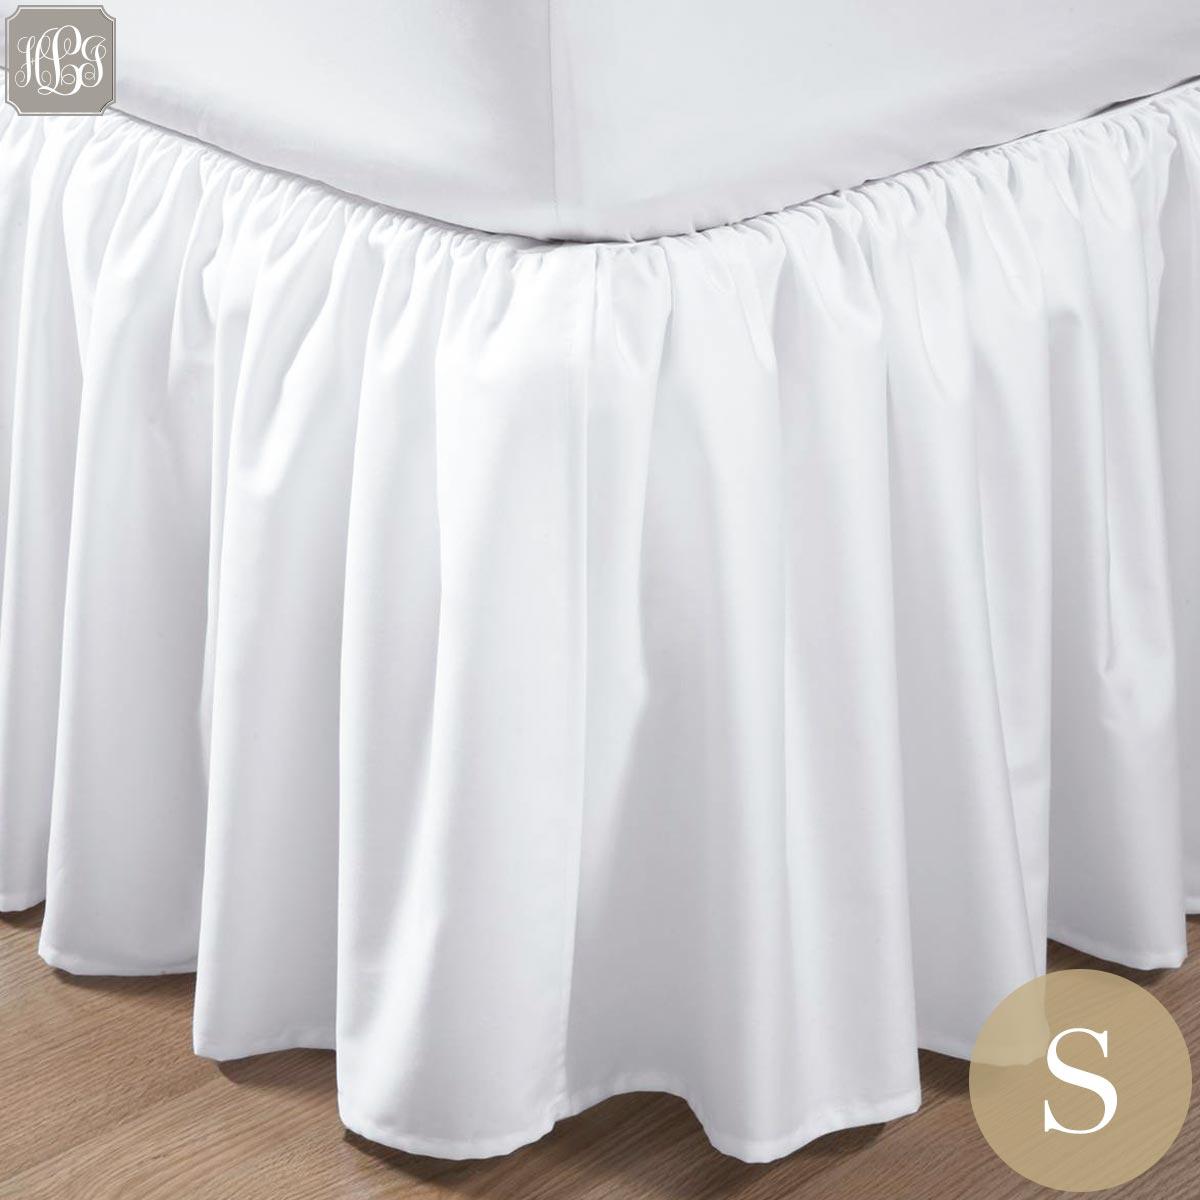 ベッドスカート | シングル | 100x200cm | 高さ25cm | 400TC ギャザードベッドスカート 送料無料